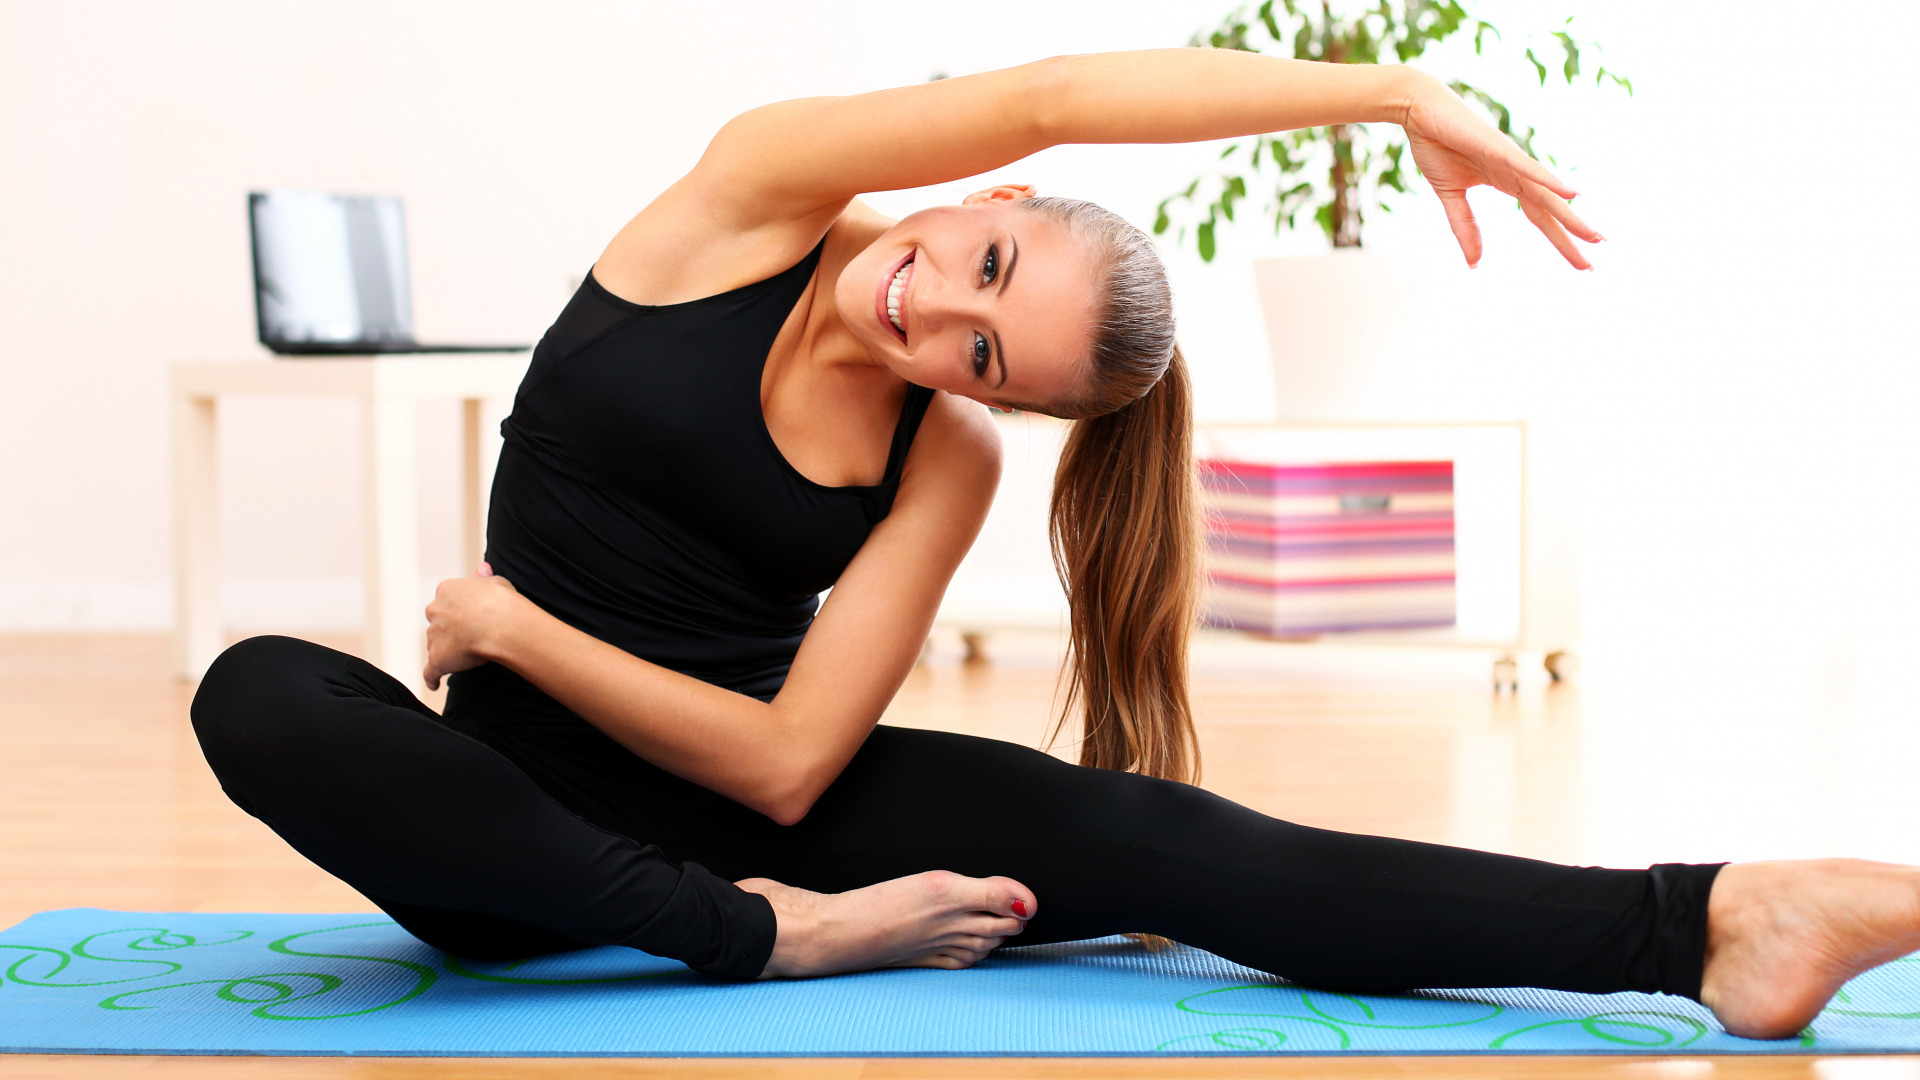 Йога помогает похудеть